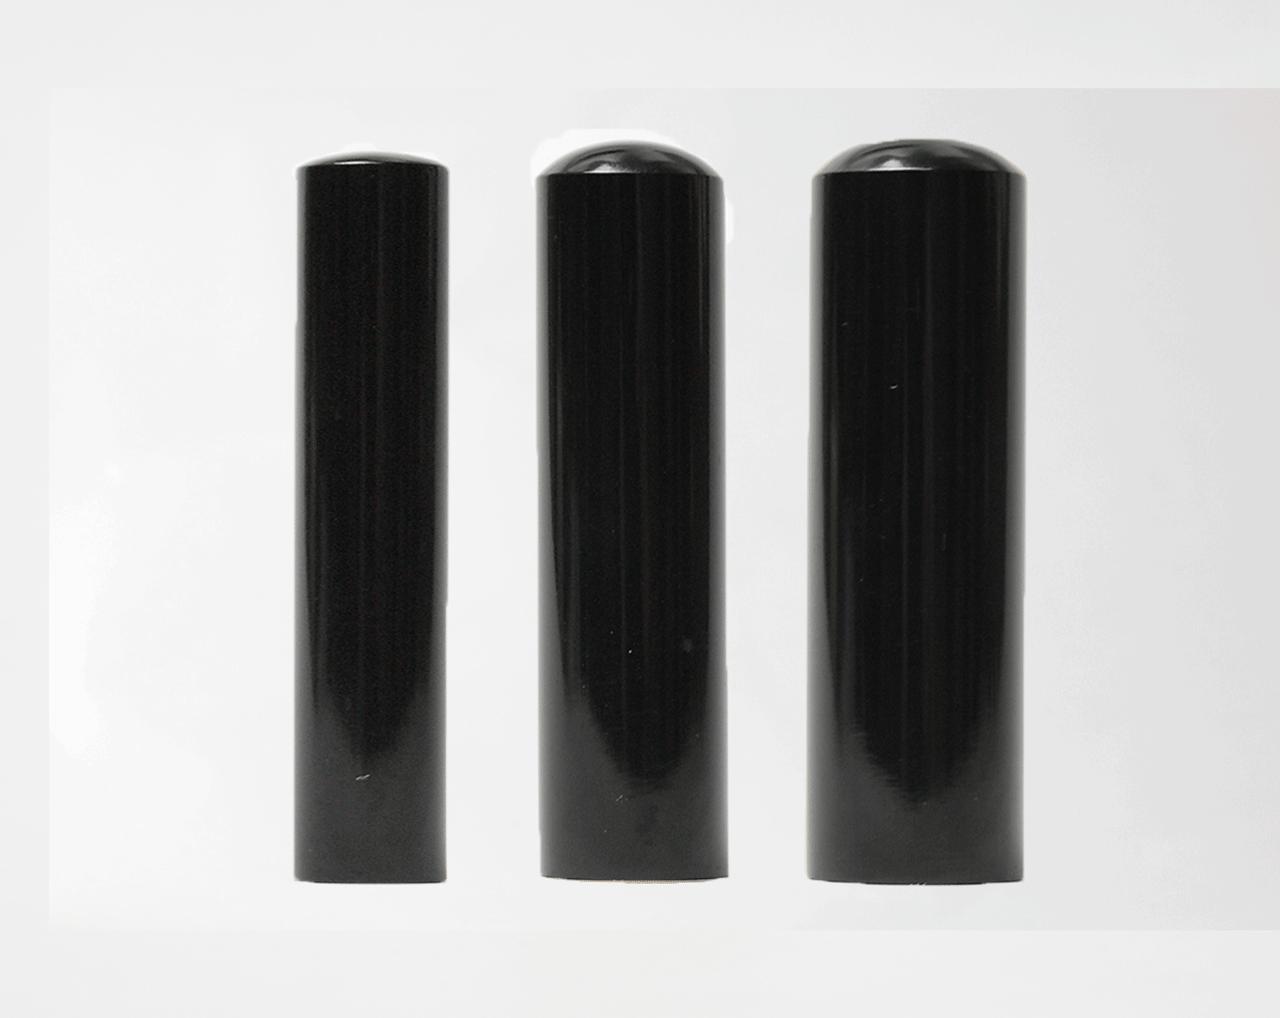 個人印鑑3本セット 黒水牛(寸胴) ソフトケース付き